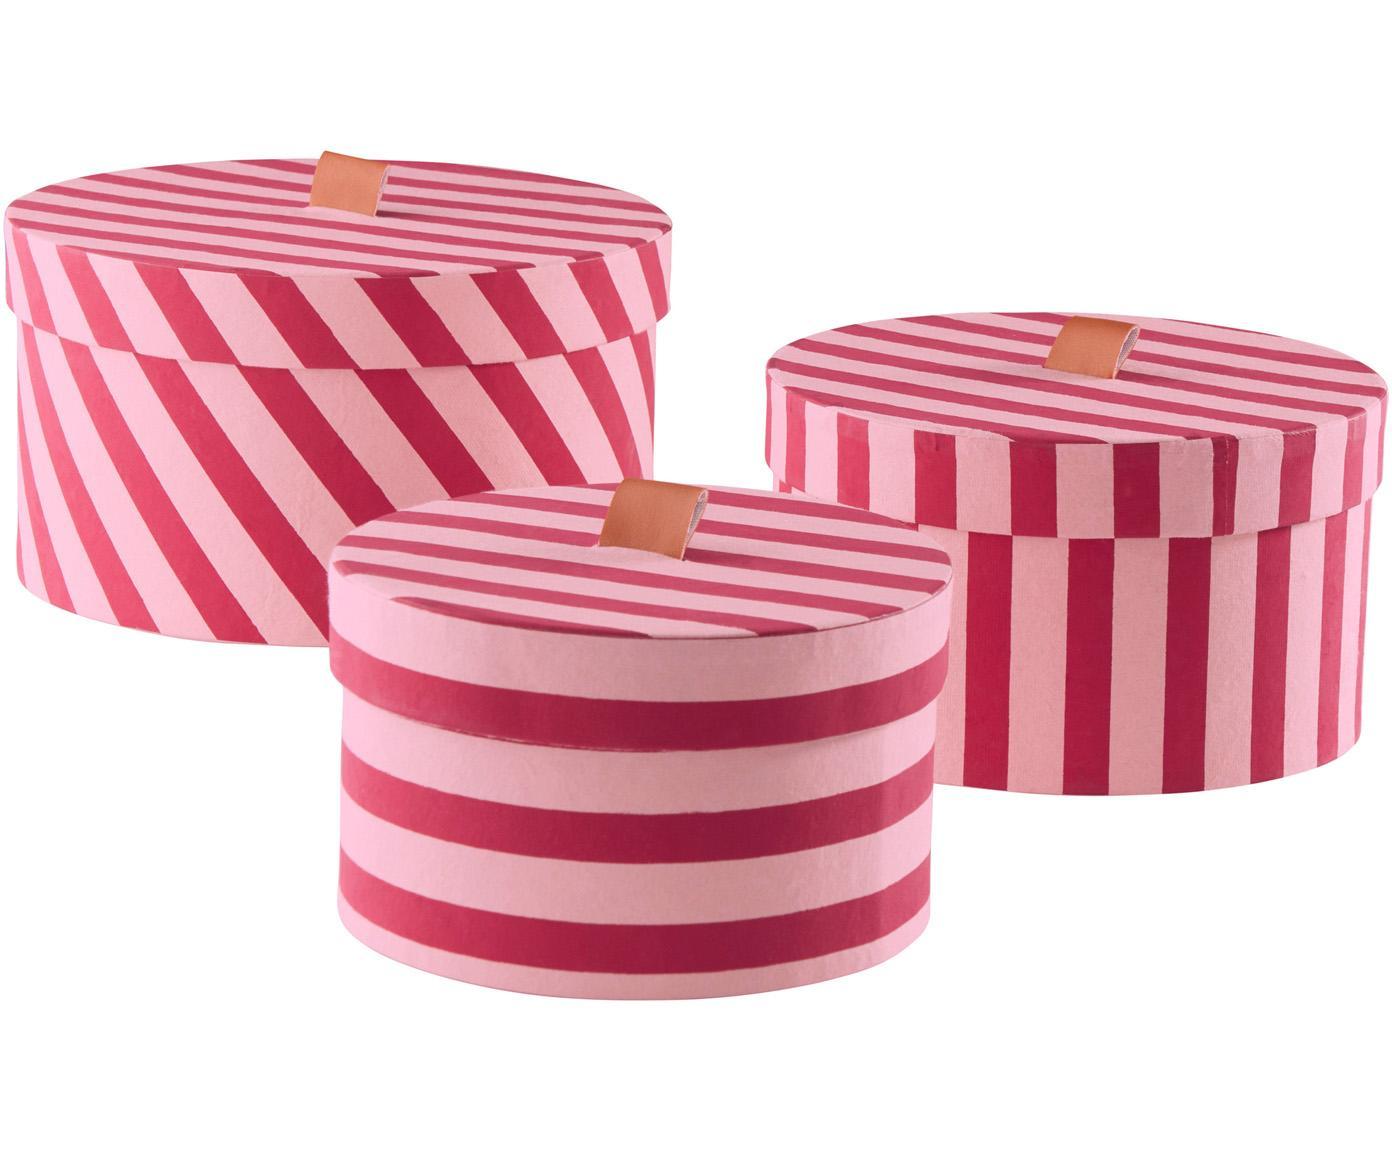 Komplet pudełek do przechowywania, 3 elem., Tektura, Różowy, Różne rozmiary